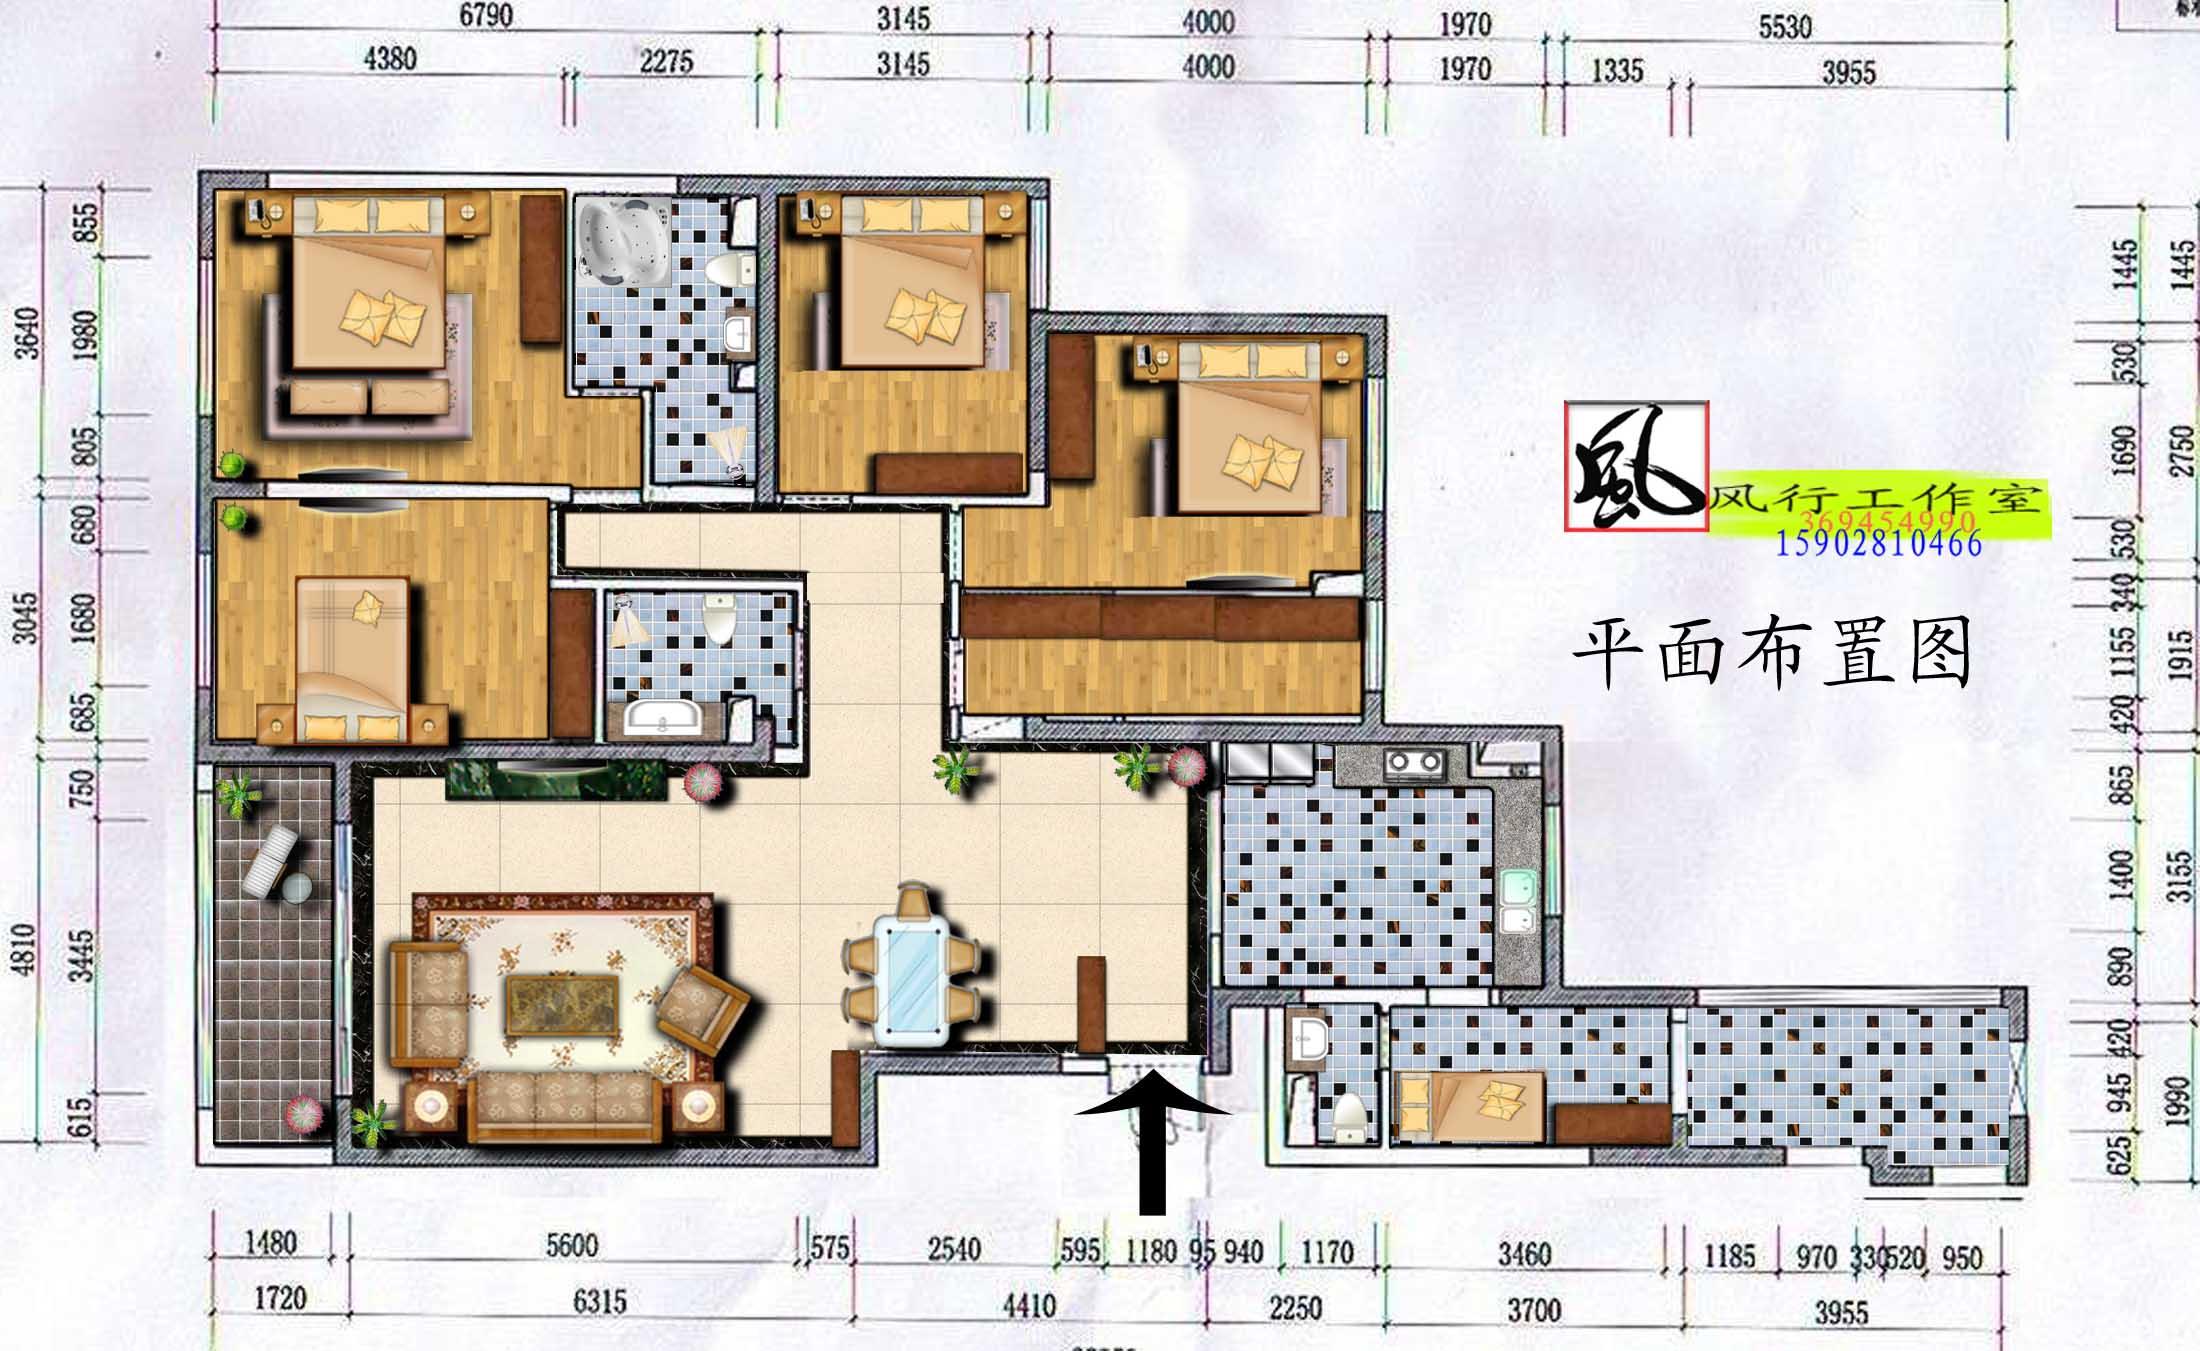 四房二廳的室內裝修效果圖及平面圖